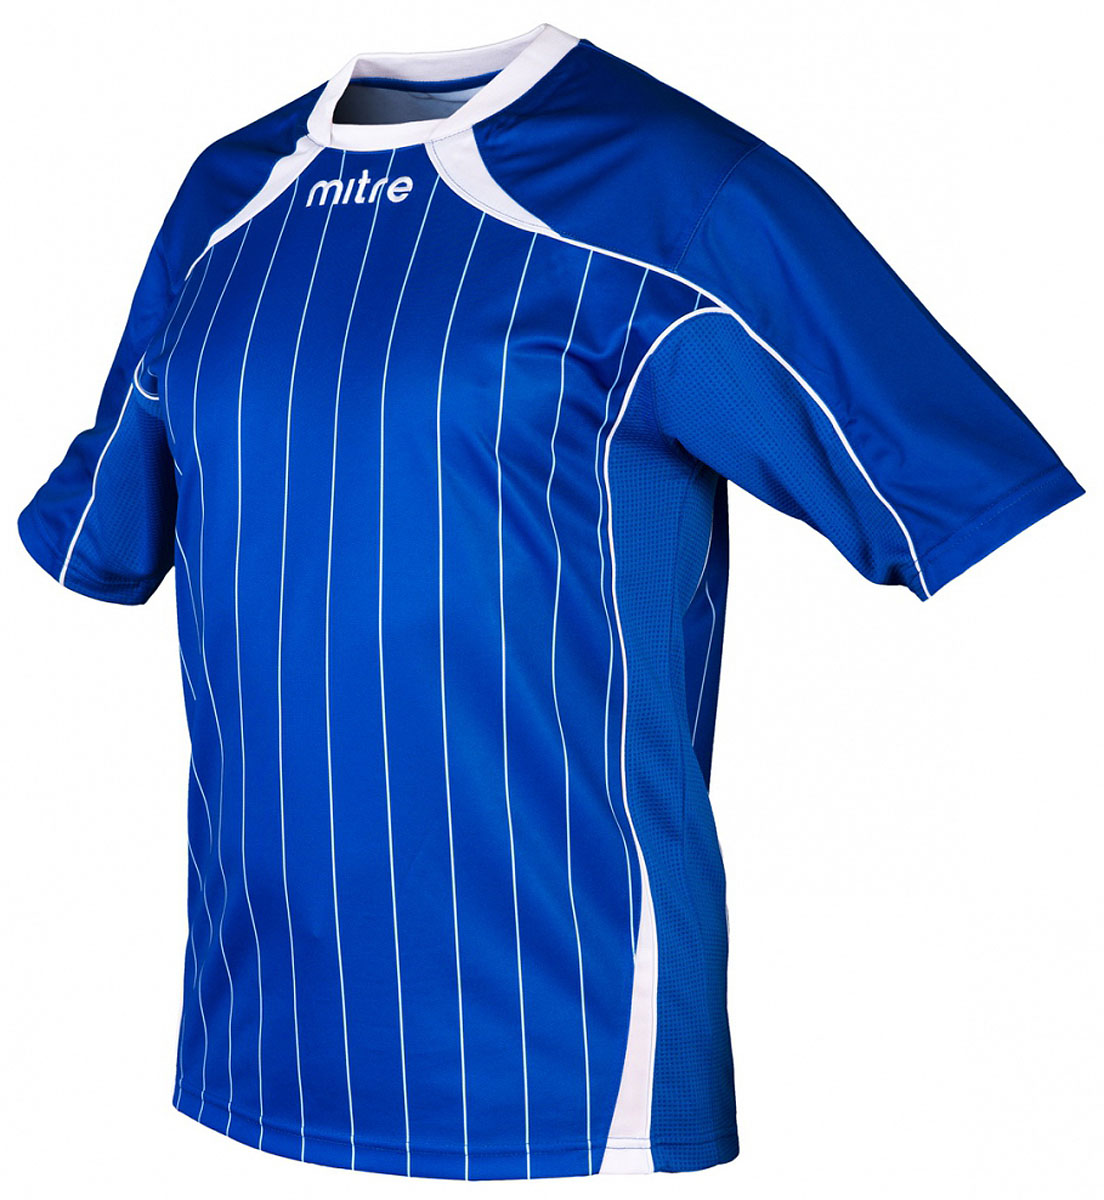 Футболка для мальчика Mitre, цвет: синий. 5T40051BRH2. Размер 1465T40051BRH2Футболка для мальчика Mitre выполнена из полиэстера. Удобный эластичный ворот. Сетчатые полосы ткани по бокам футболки улучшают вентиляцию тела.